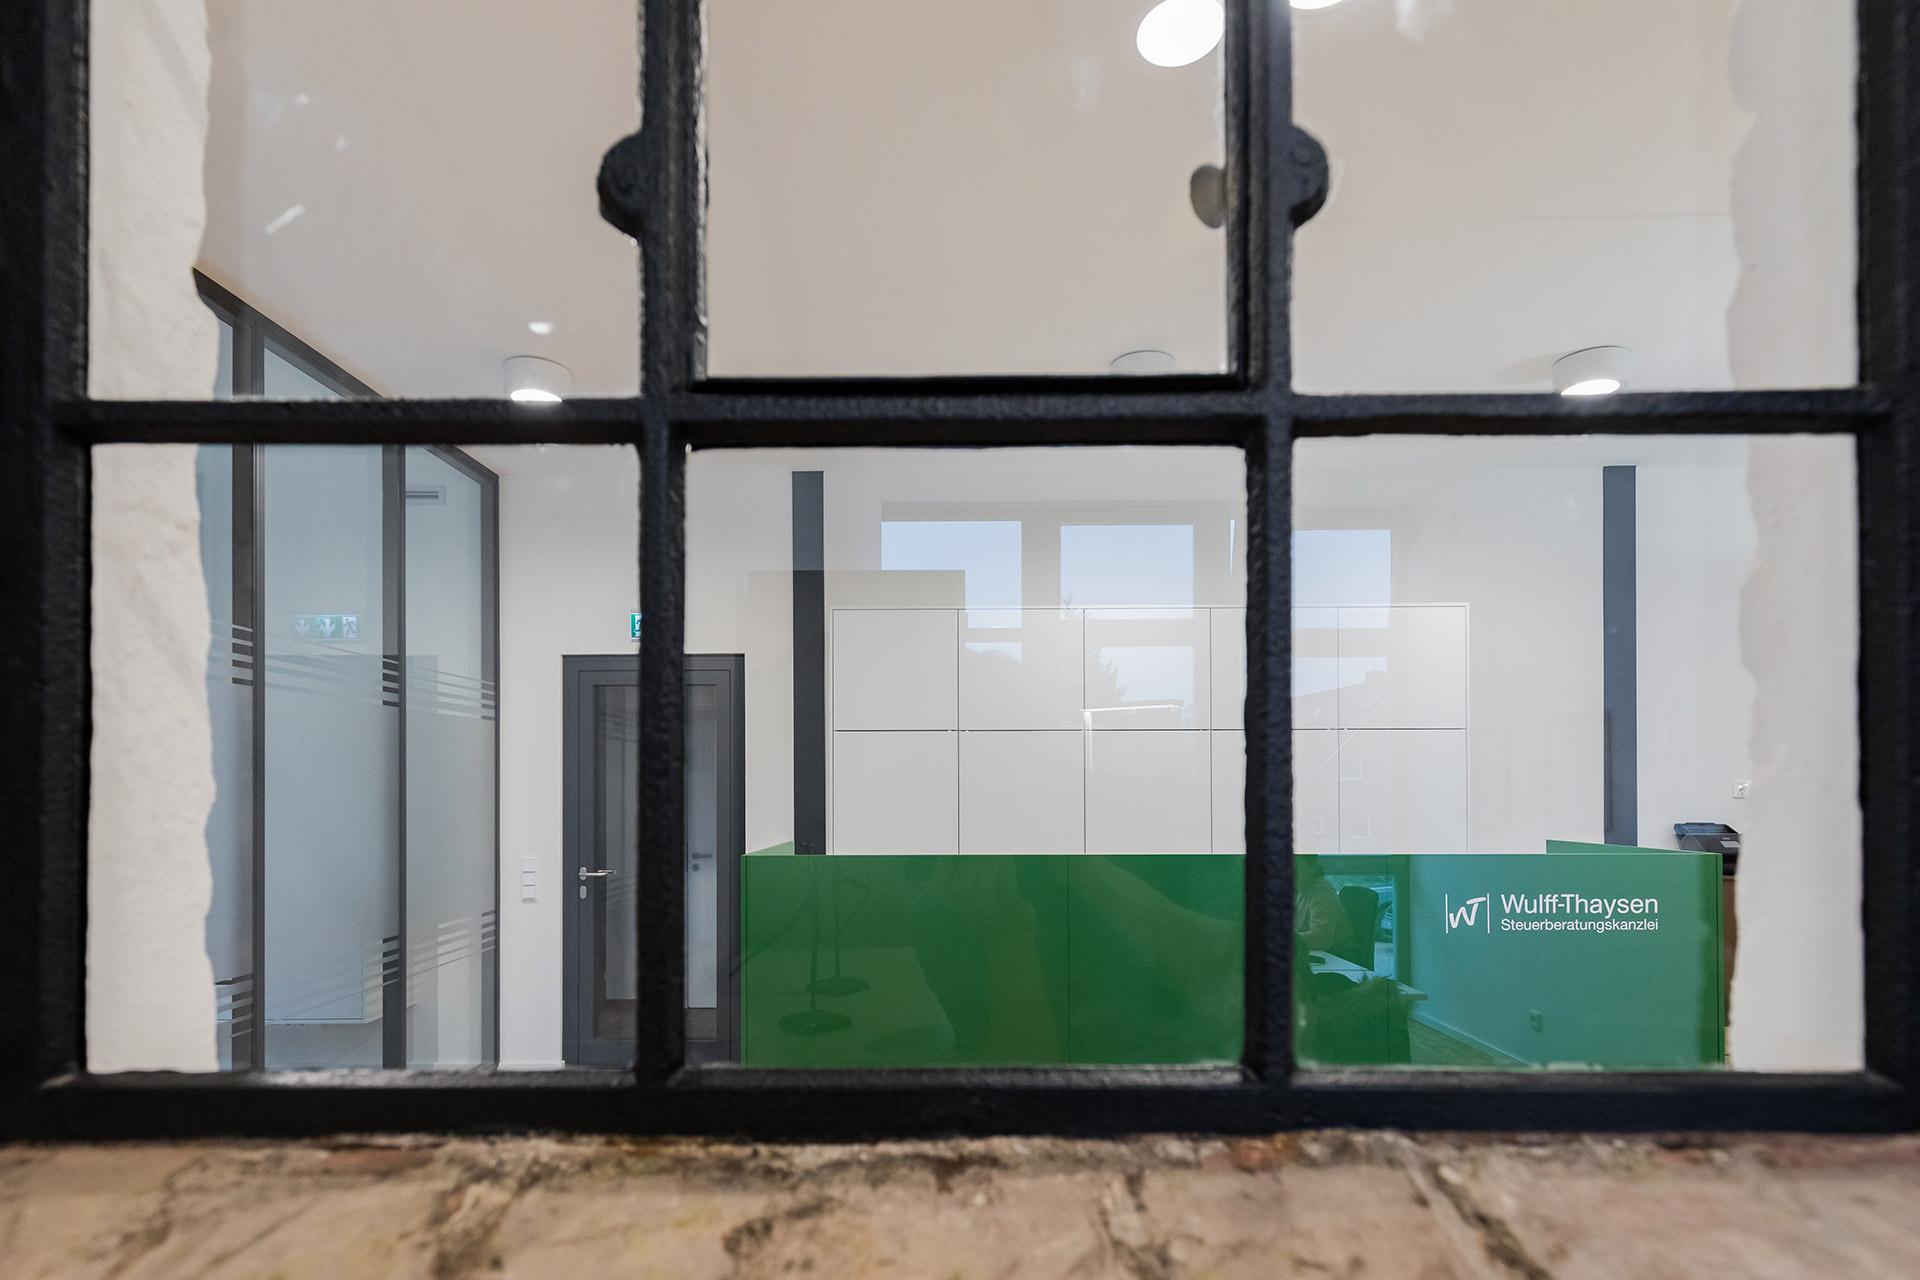 20191024_Park48_Architekten_Wulff-Thaysen_Ratzeburg_00000000033